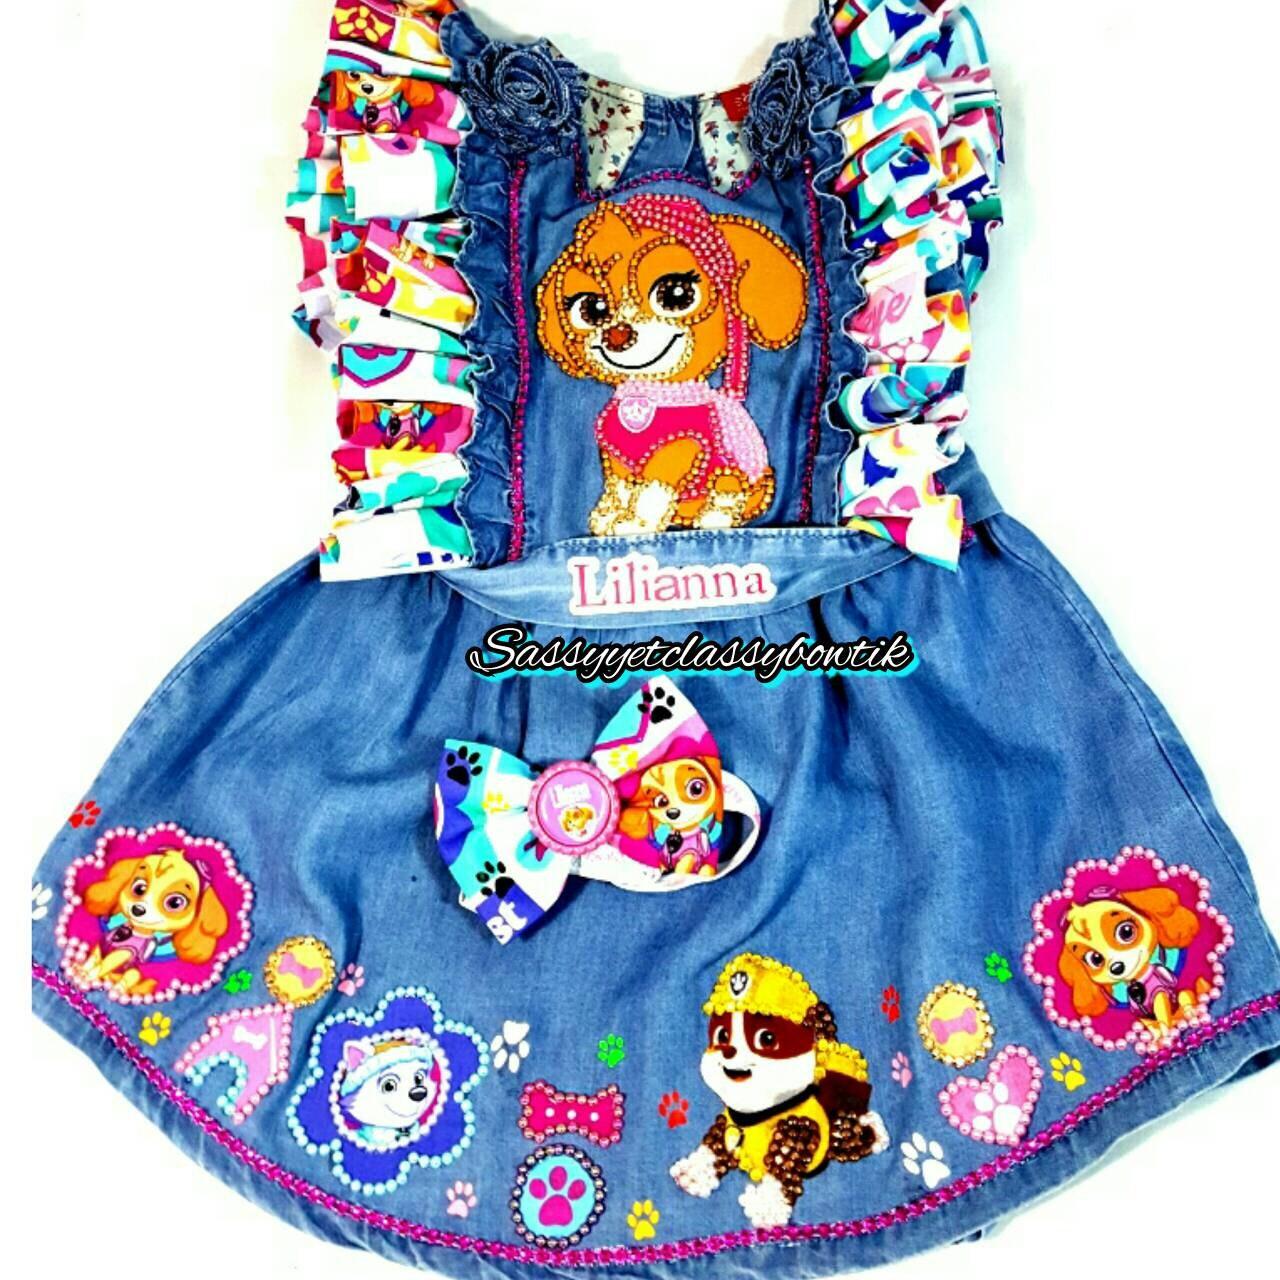 Paw patrol birthday outfit Paw patrol dress Paw Patrol